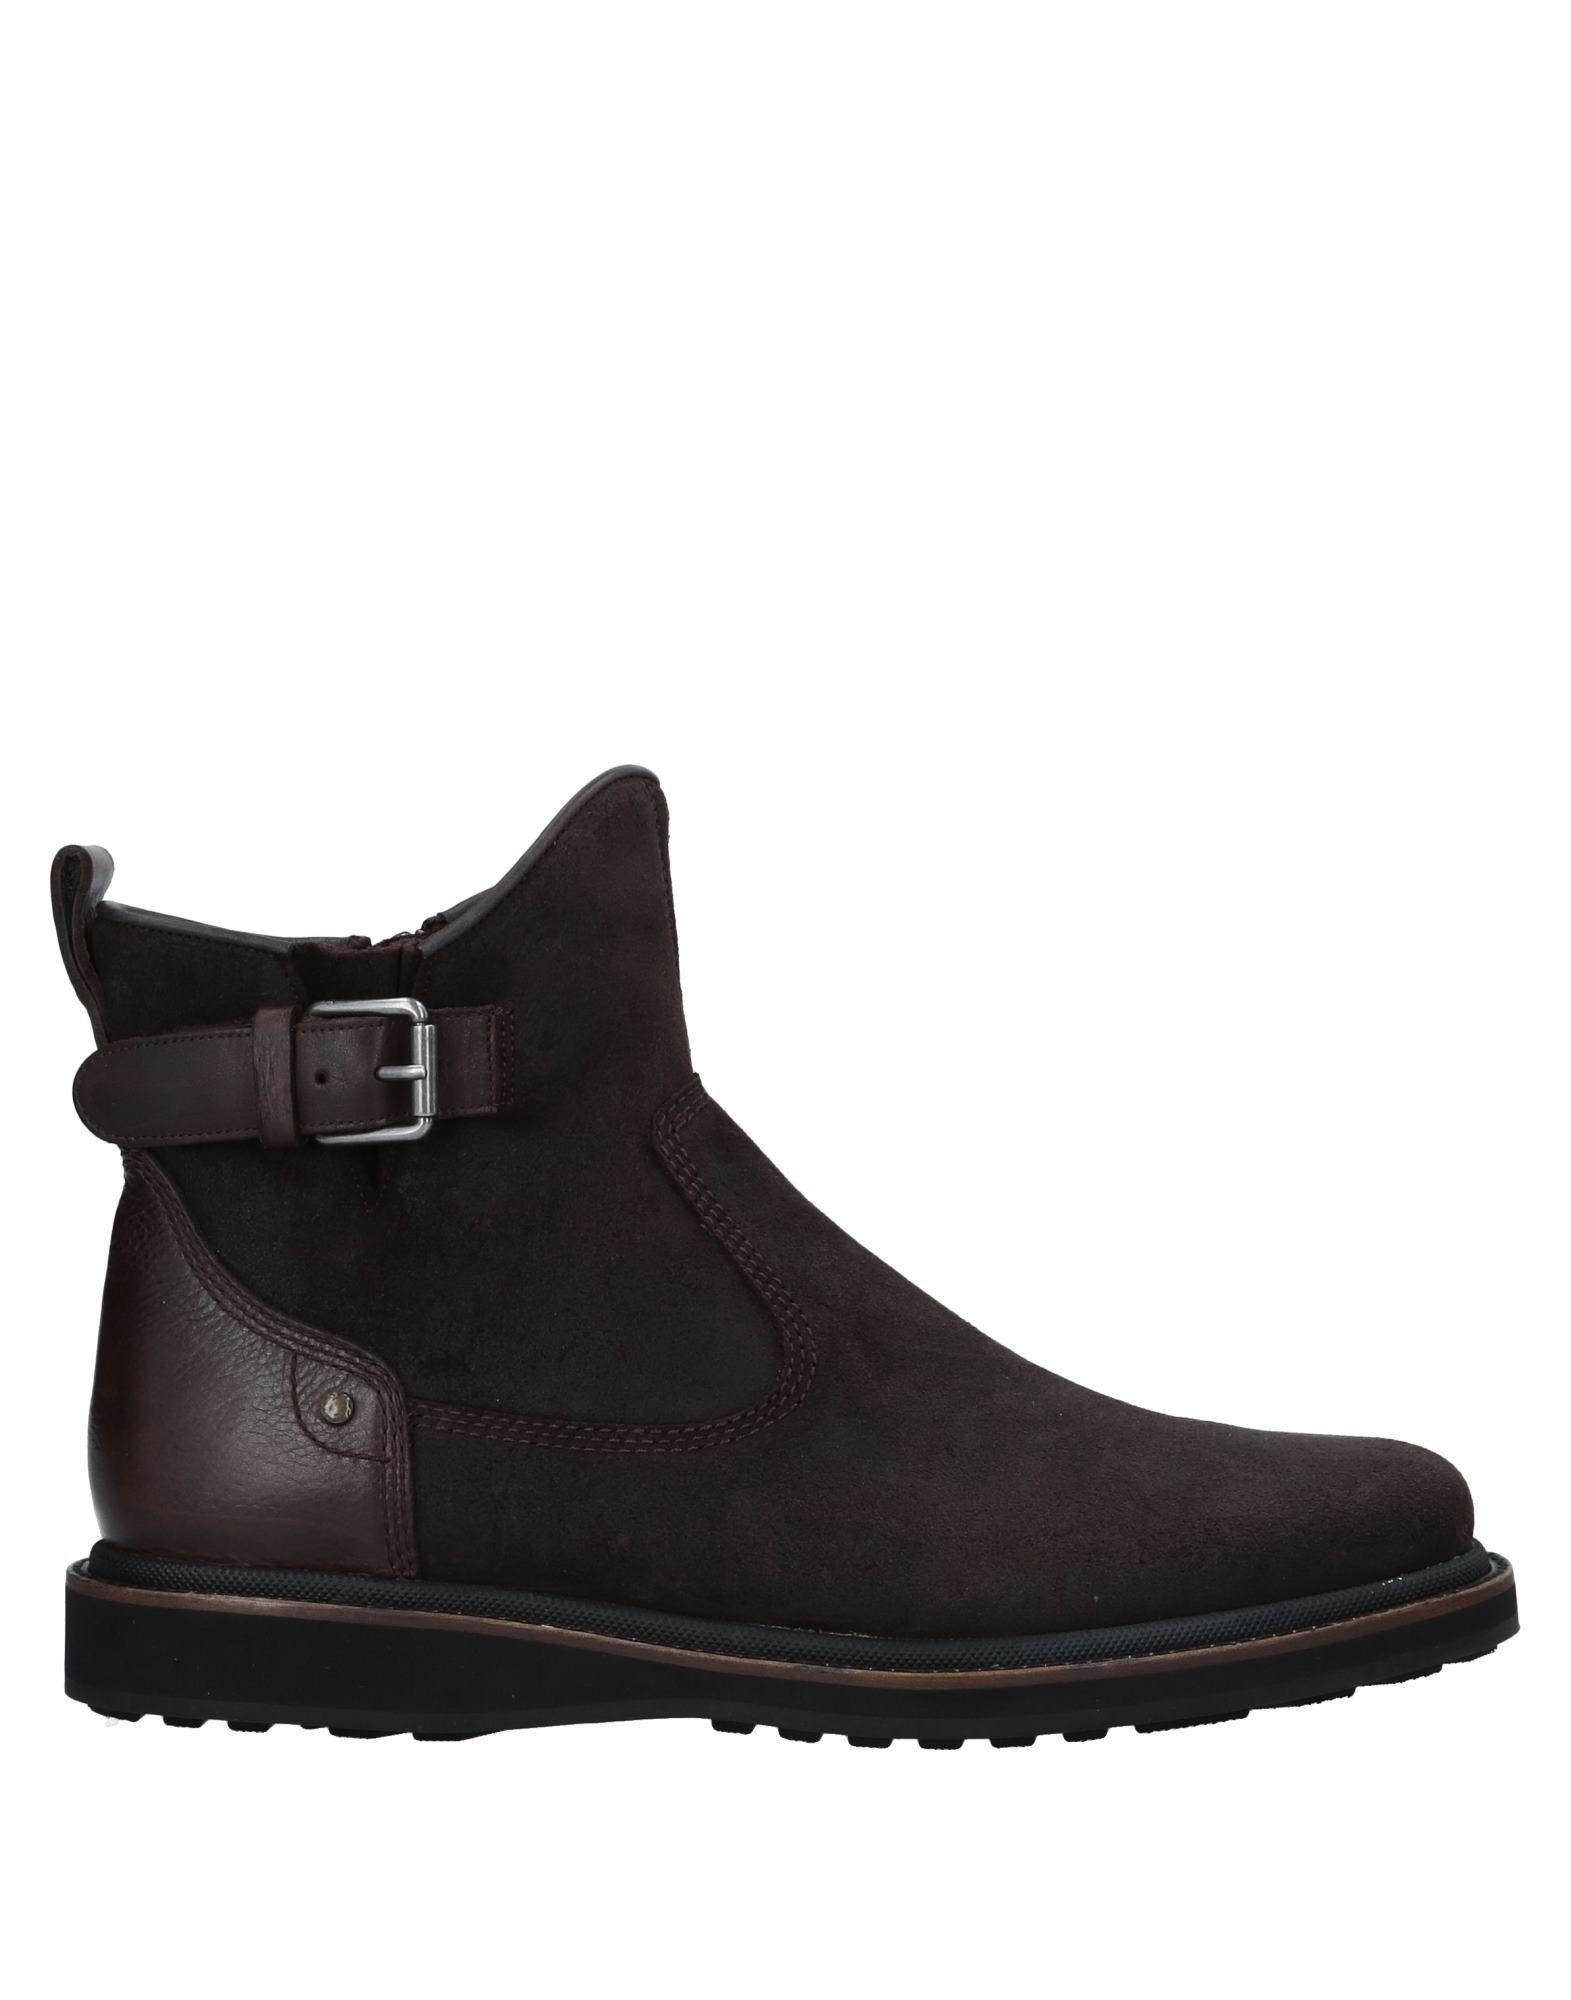 John Varvatos ★ U.S.A. Stiefelette Herren  11535899XW Gute Qualität beliebte Schuhe